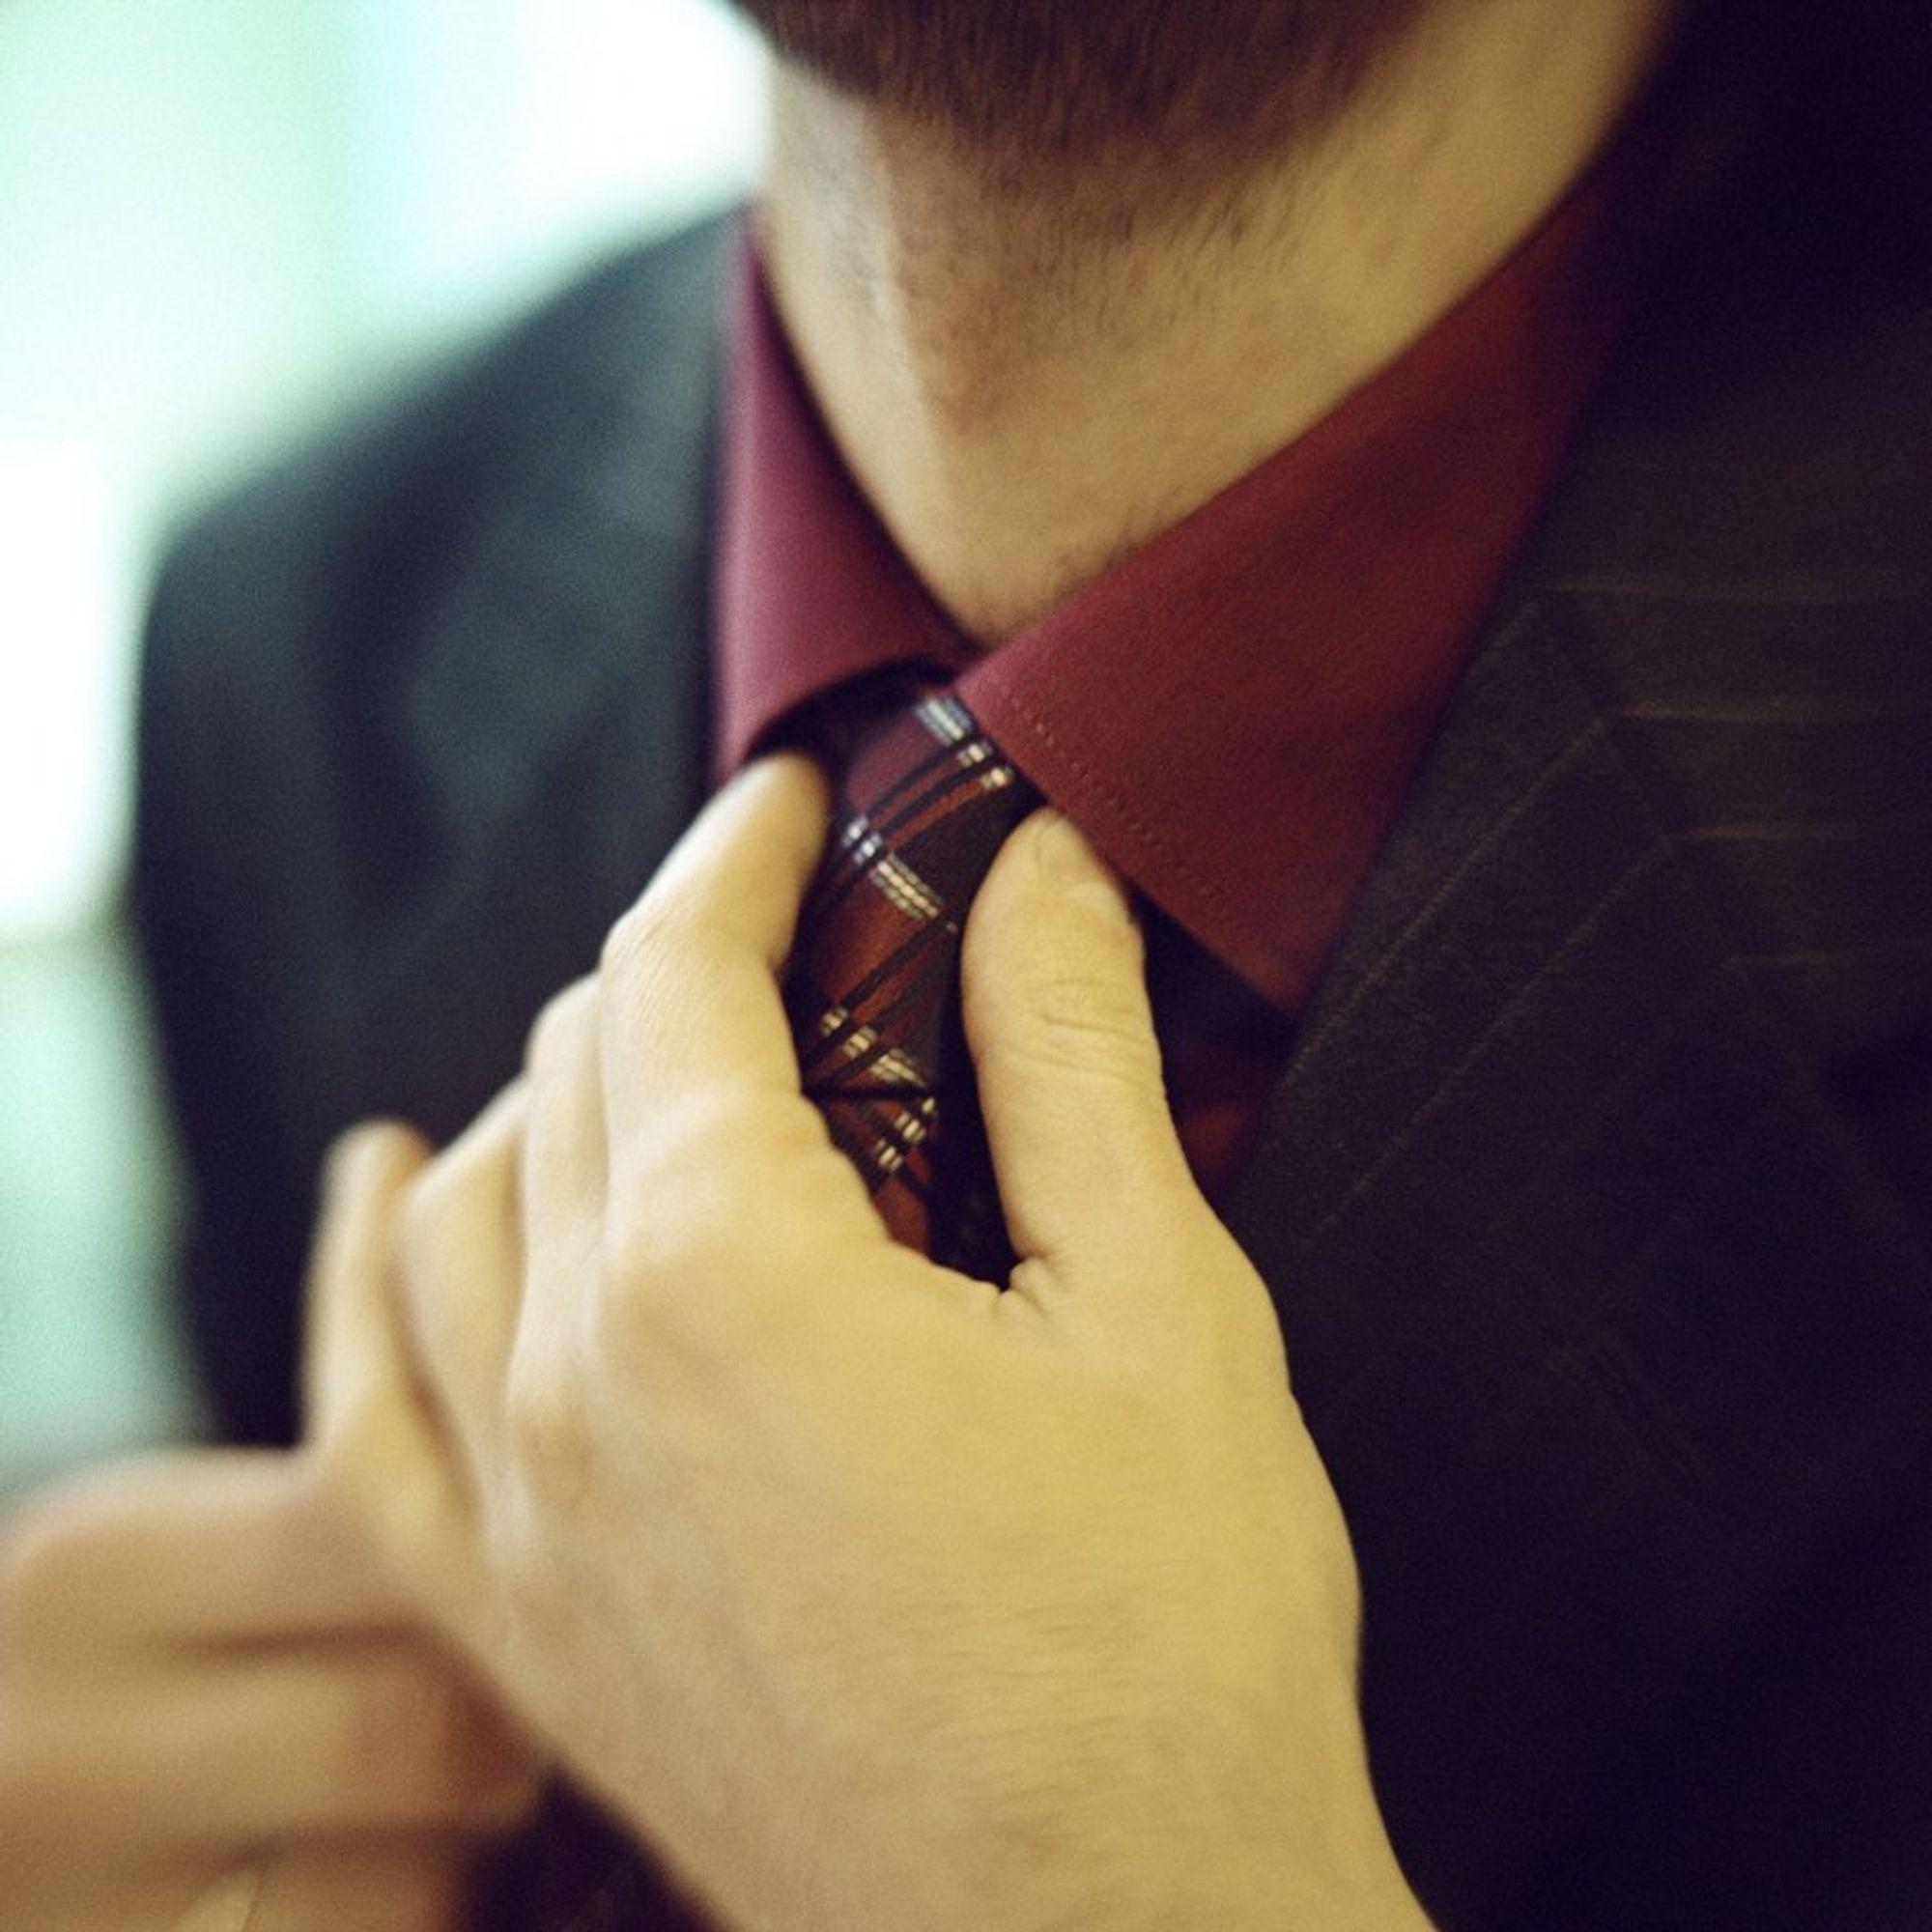 DIREKTØRER: De slipskledte tjener best innen forskning.